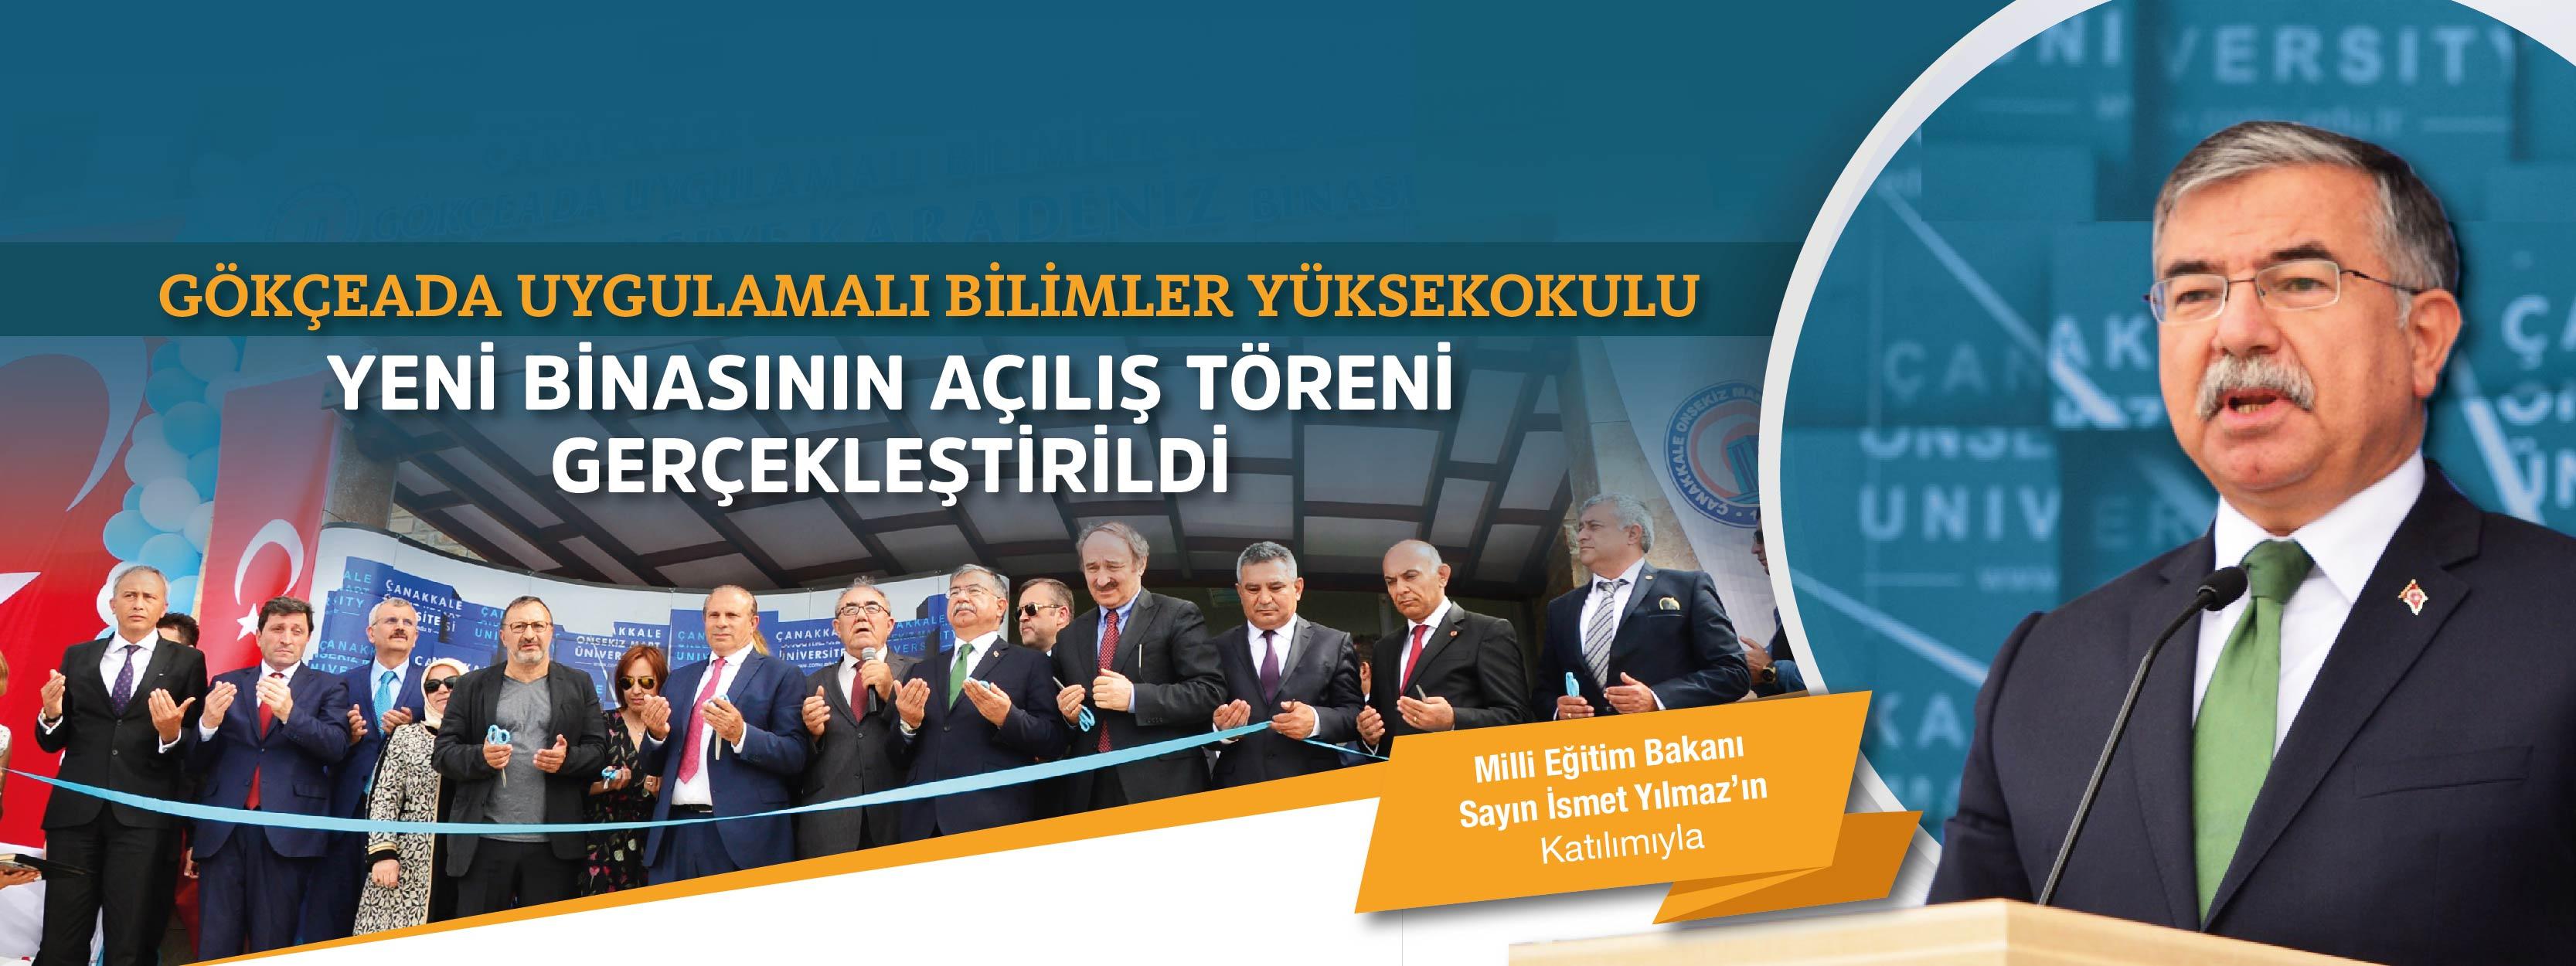 ÇOMÜ GUBY Asiye Karadeniz Binası Bakan İsmet Yılmaz'ın Katılımıyla Açıldı